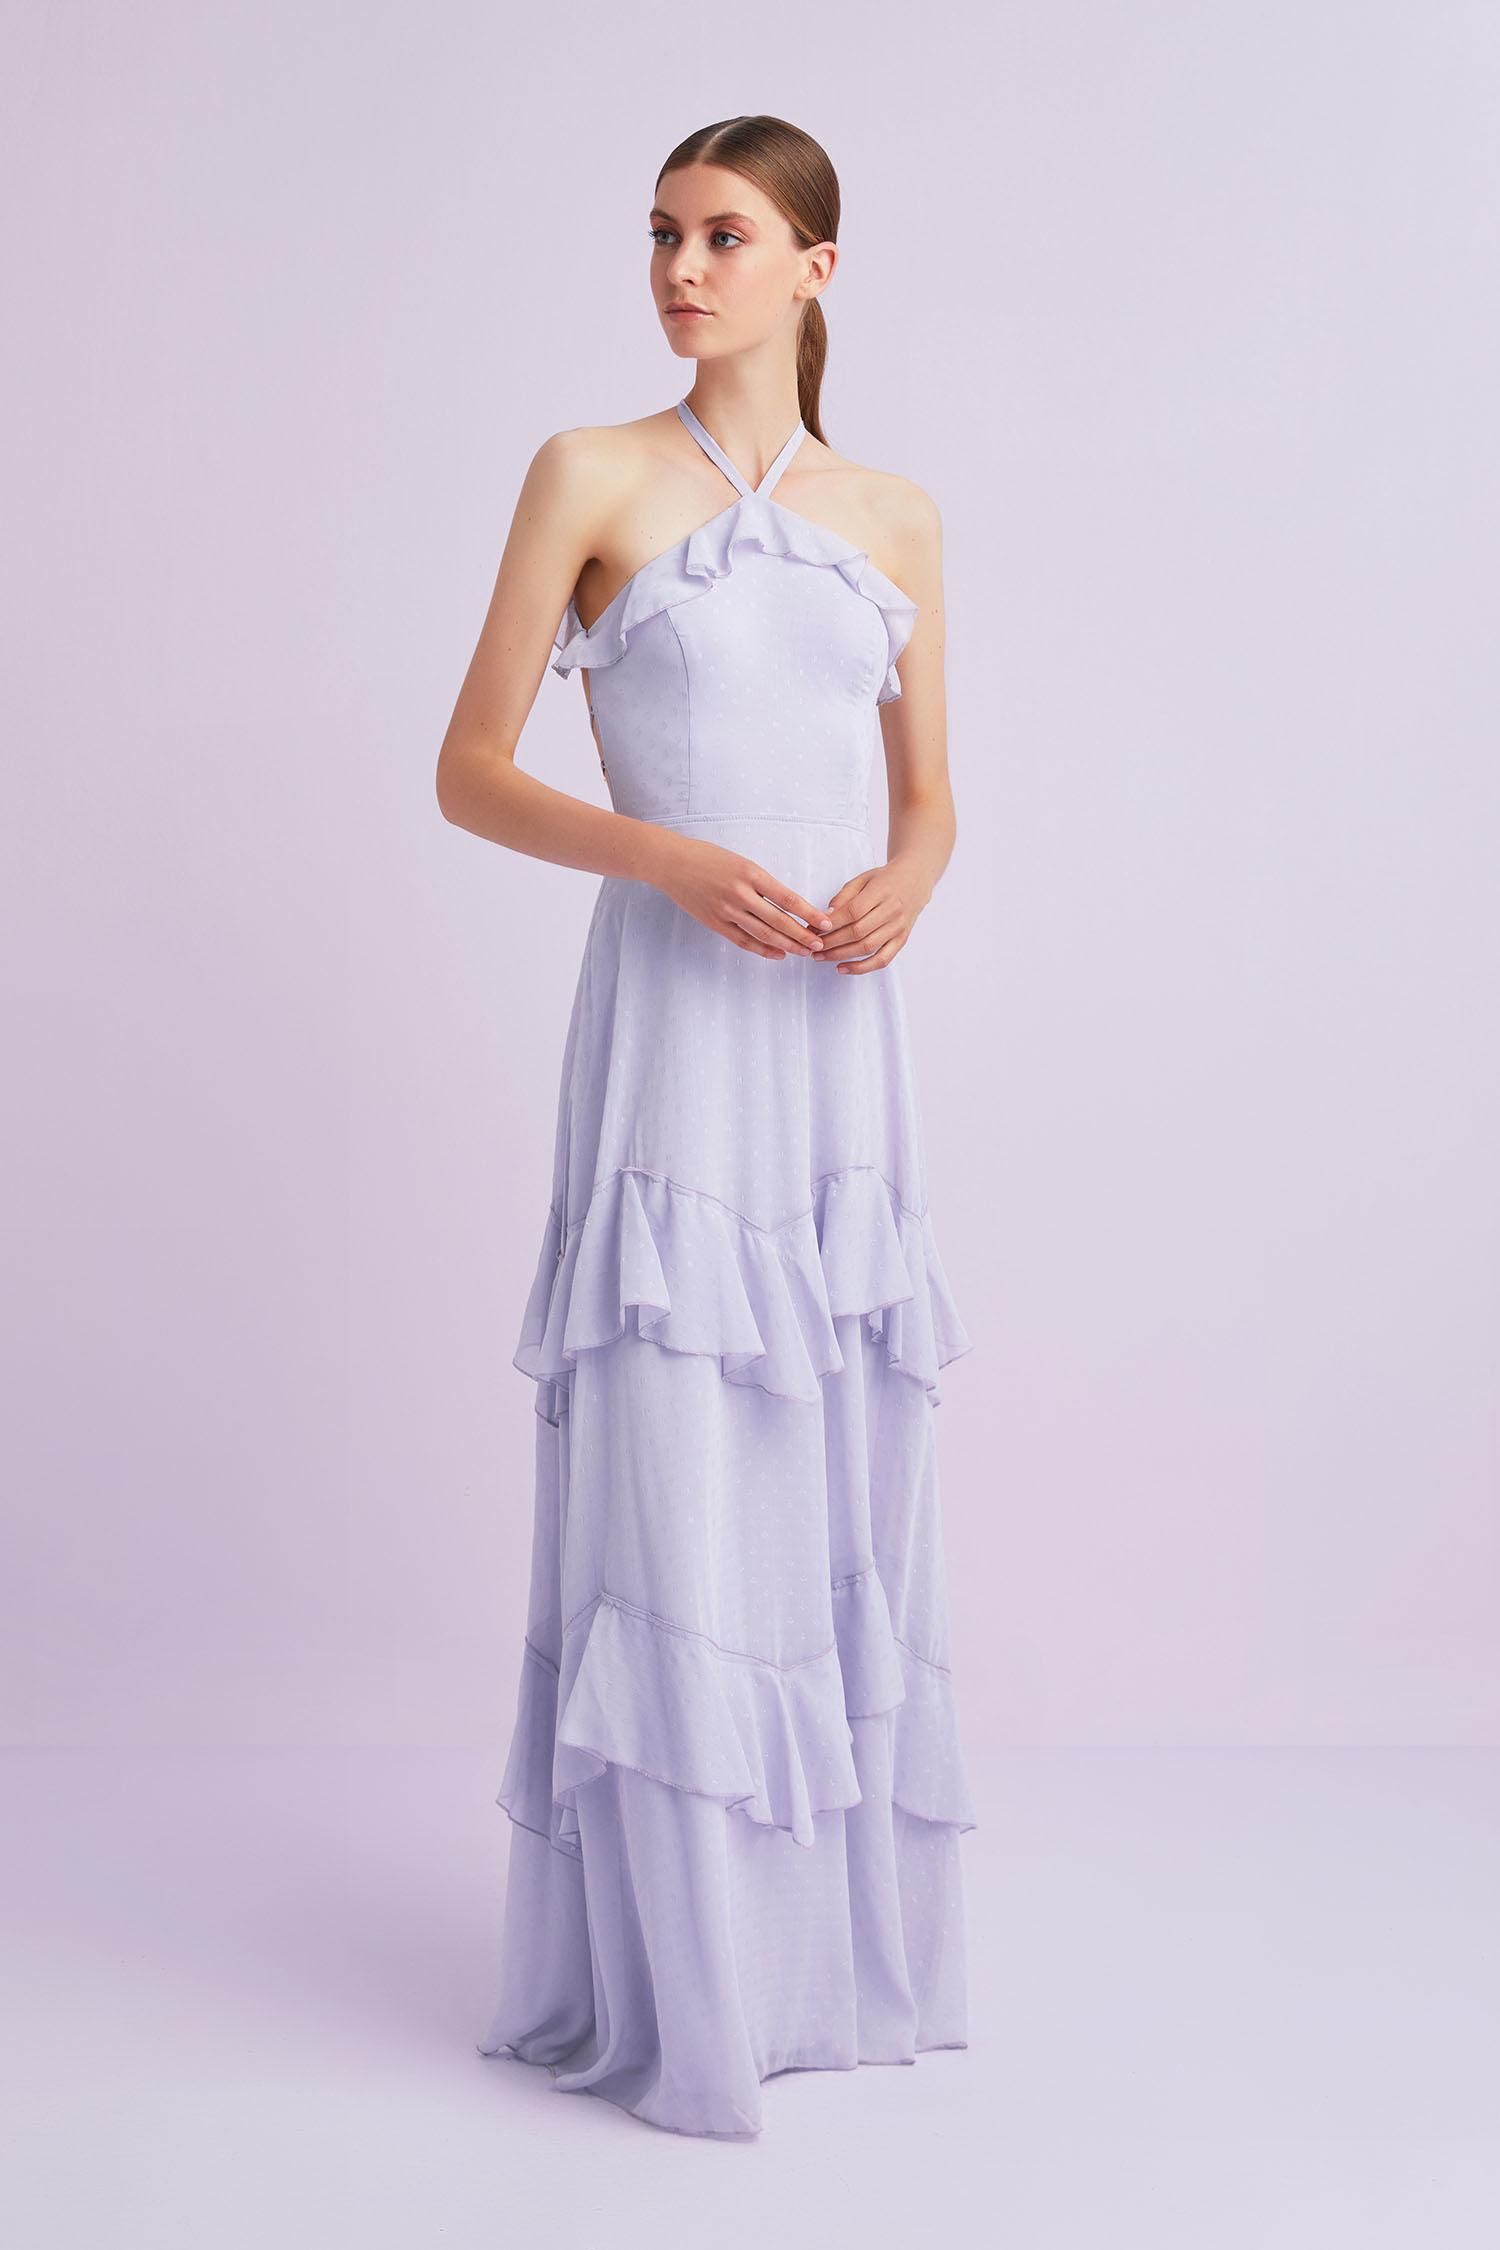 Lila Boyundan Bağlı Şifon Uzun Büyük Beden Elbise - Thumbnail